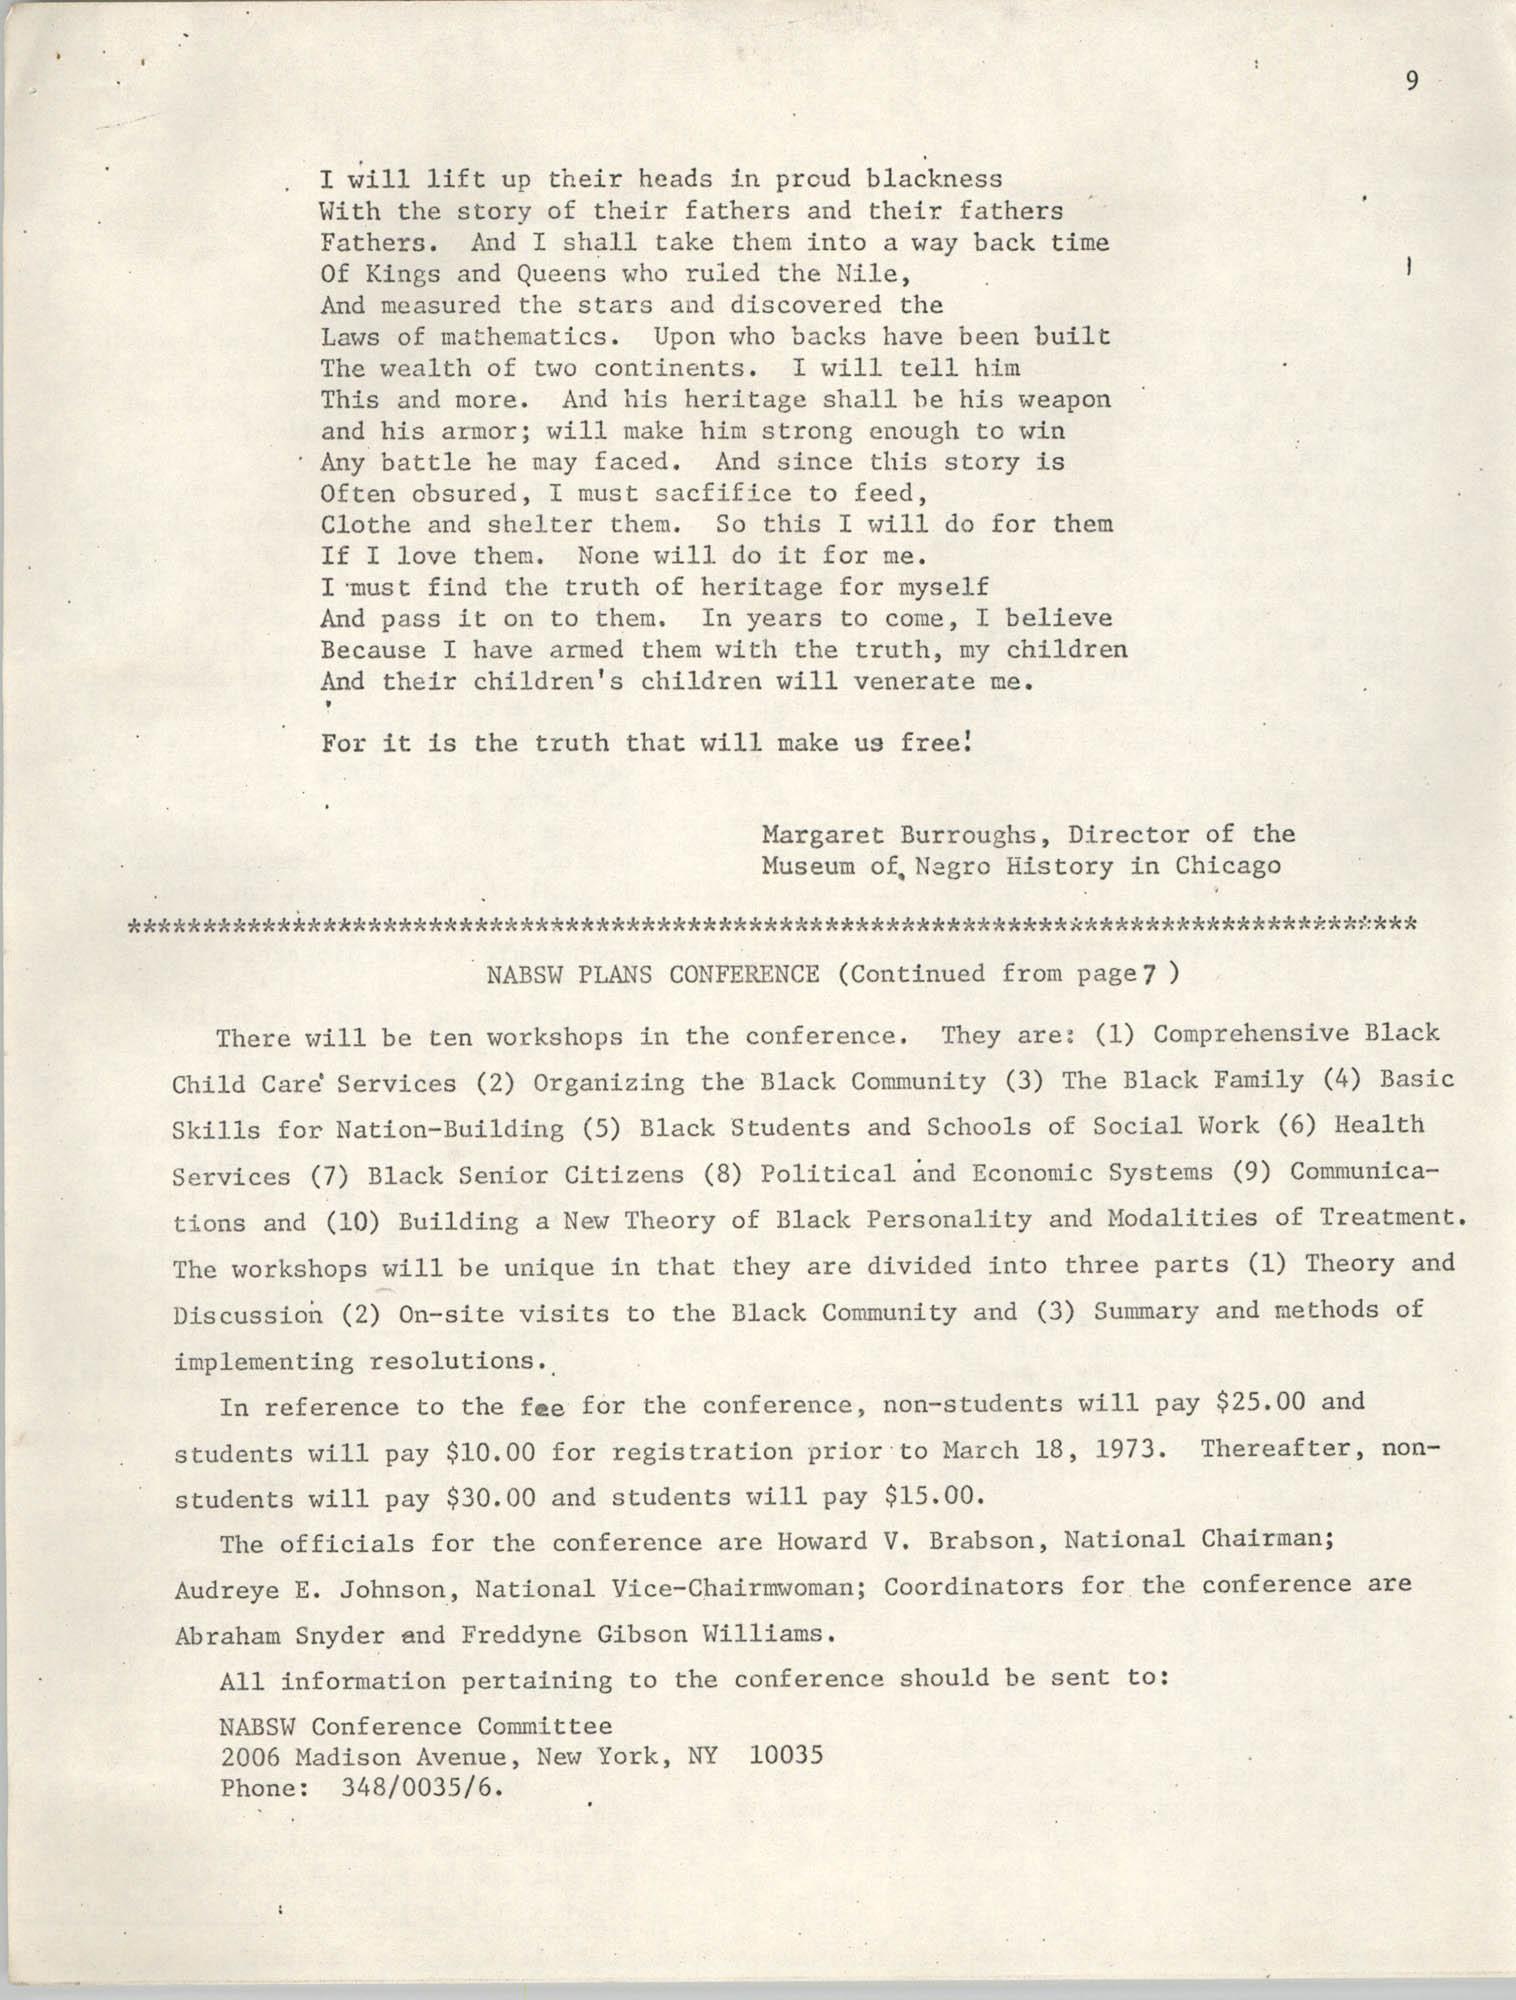 SHARE, Volume I, Number 8, April 1973, Page 9